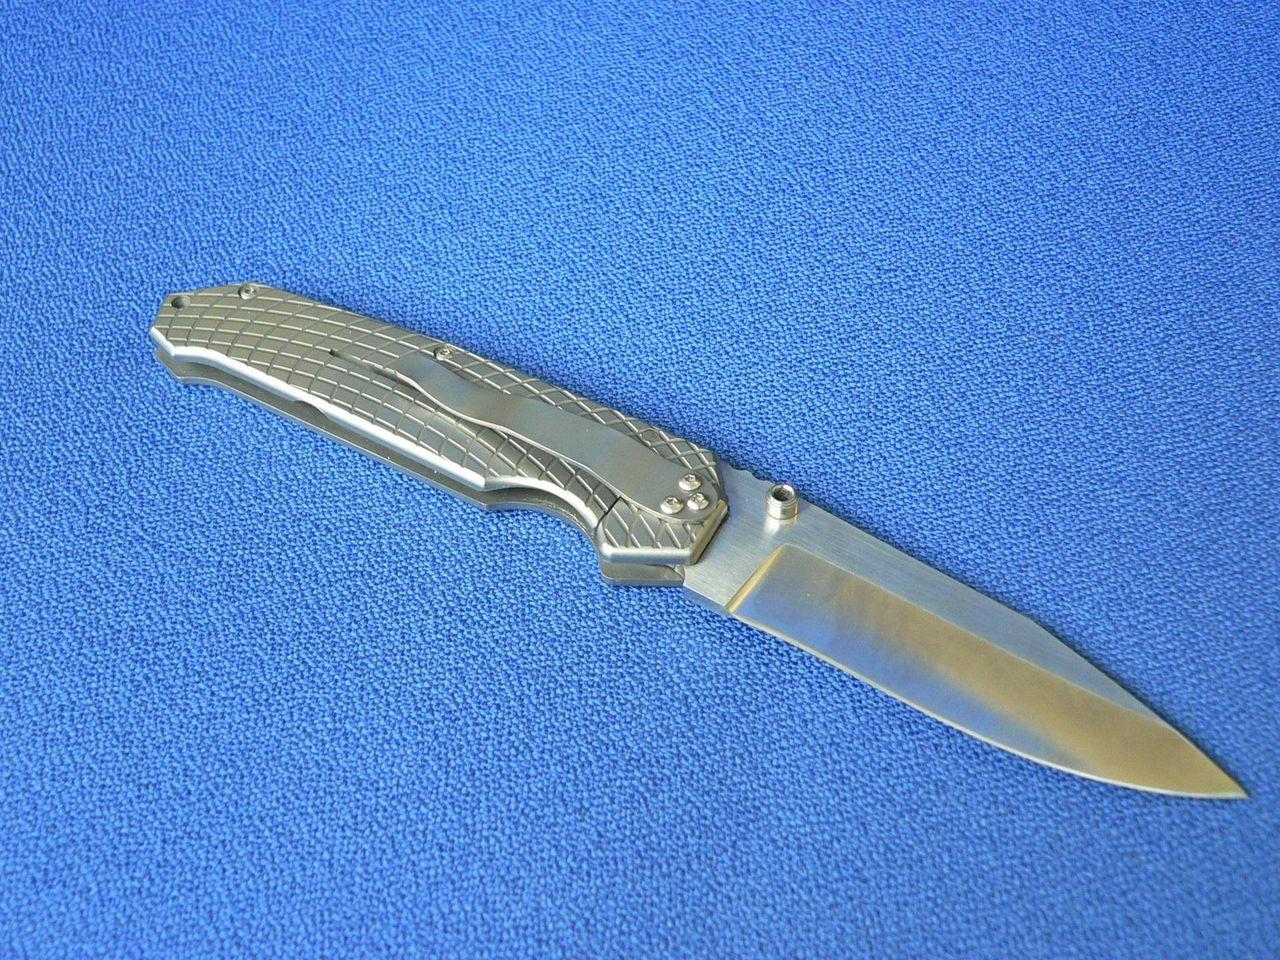 Самые опасные ножи мира, Самые необычные ножи в мире! (12 фото 1 видео) 16 фотография